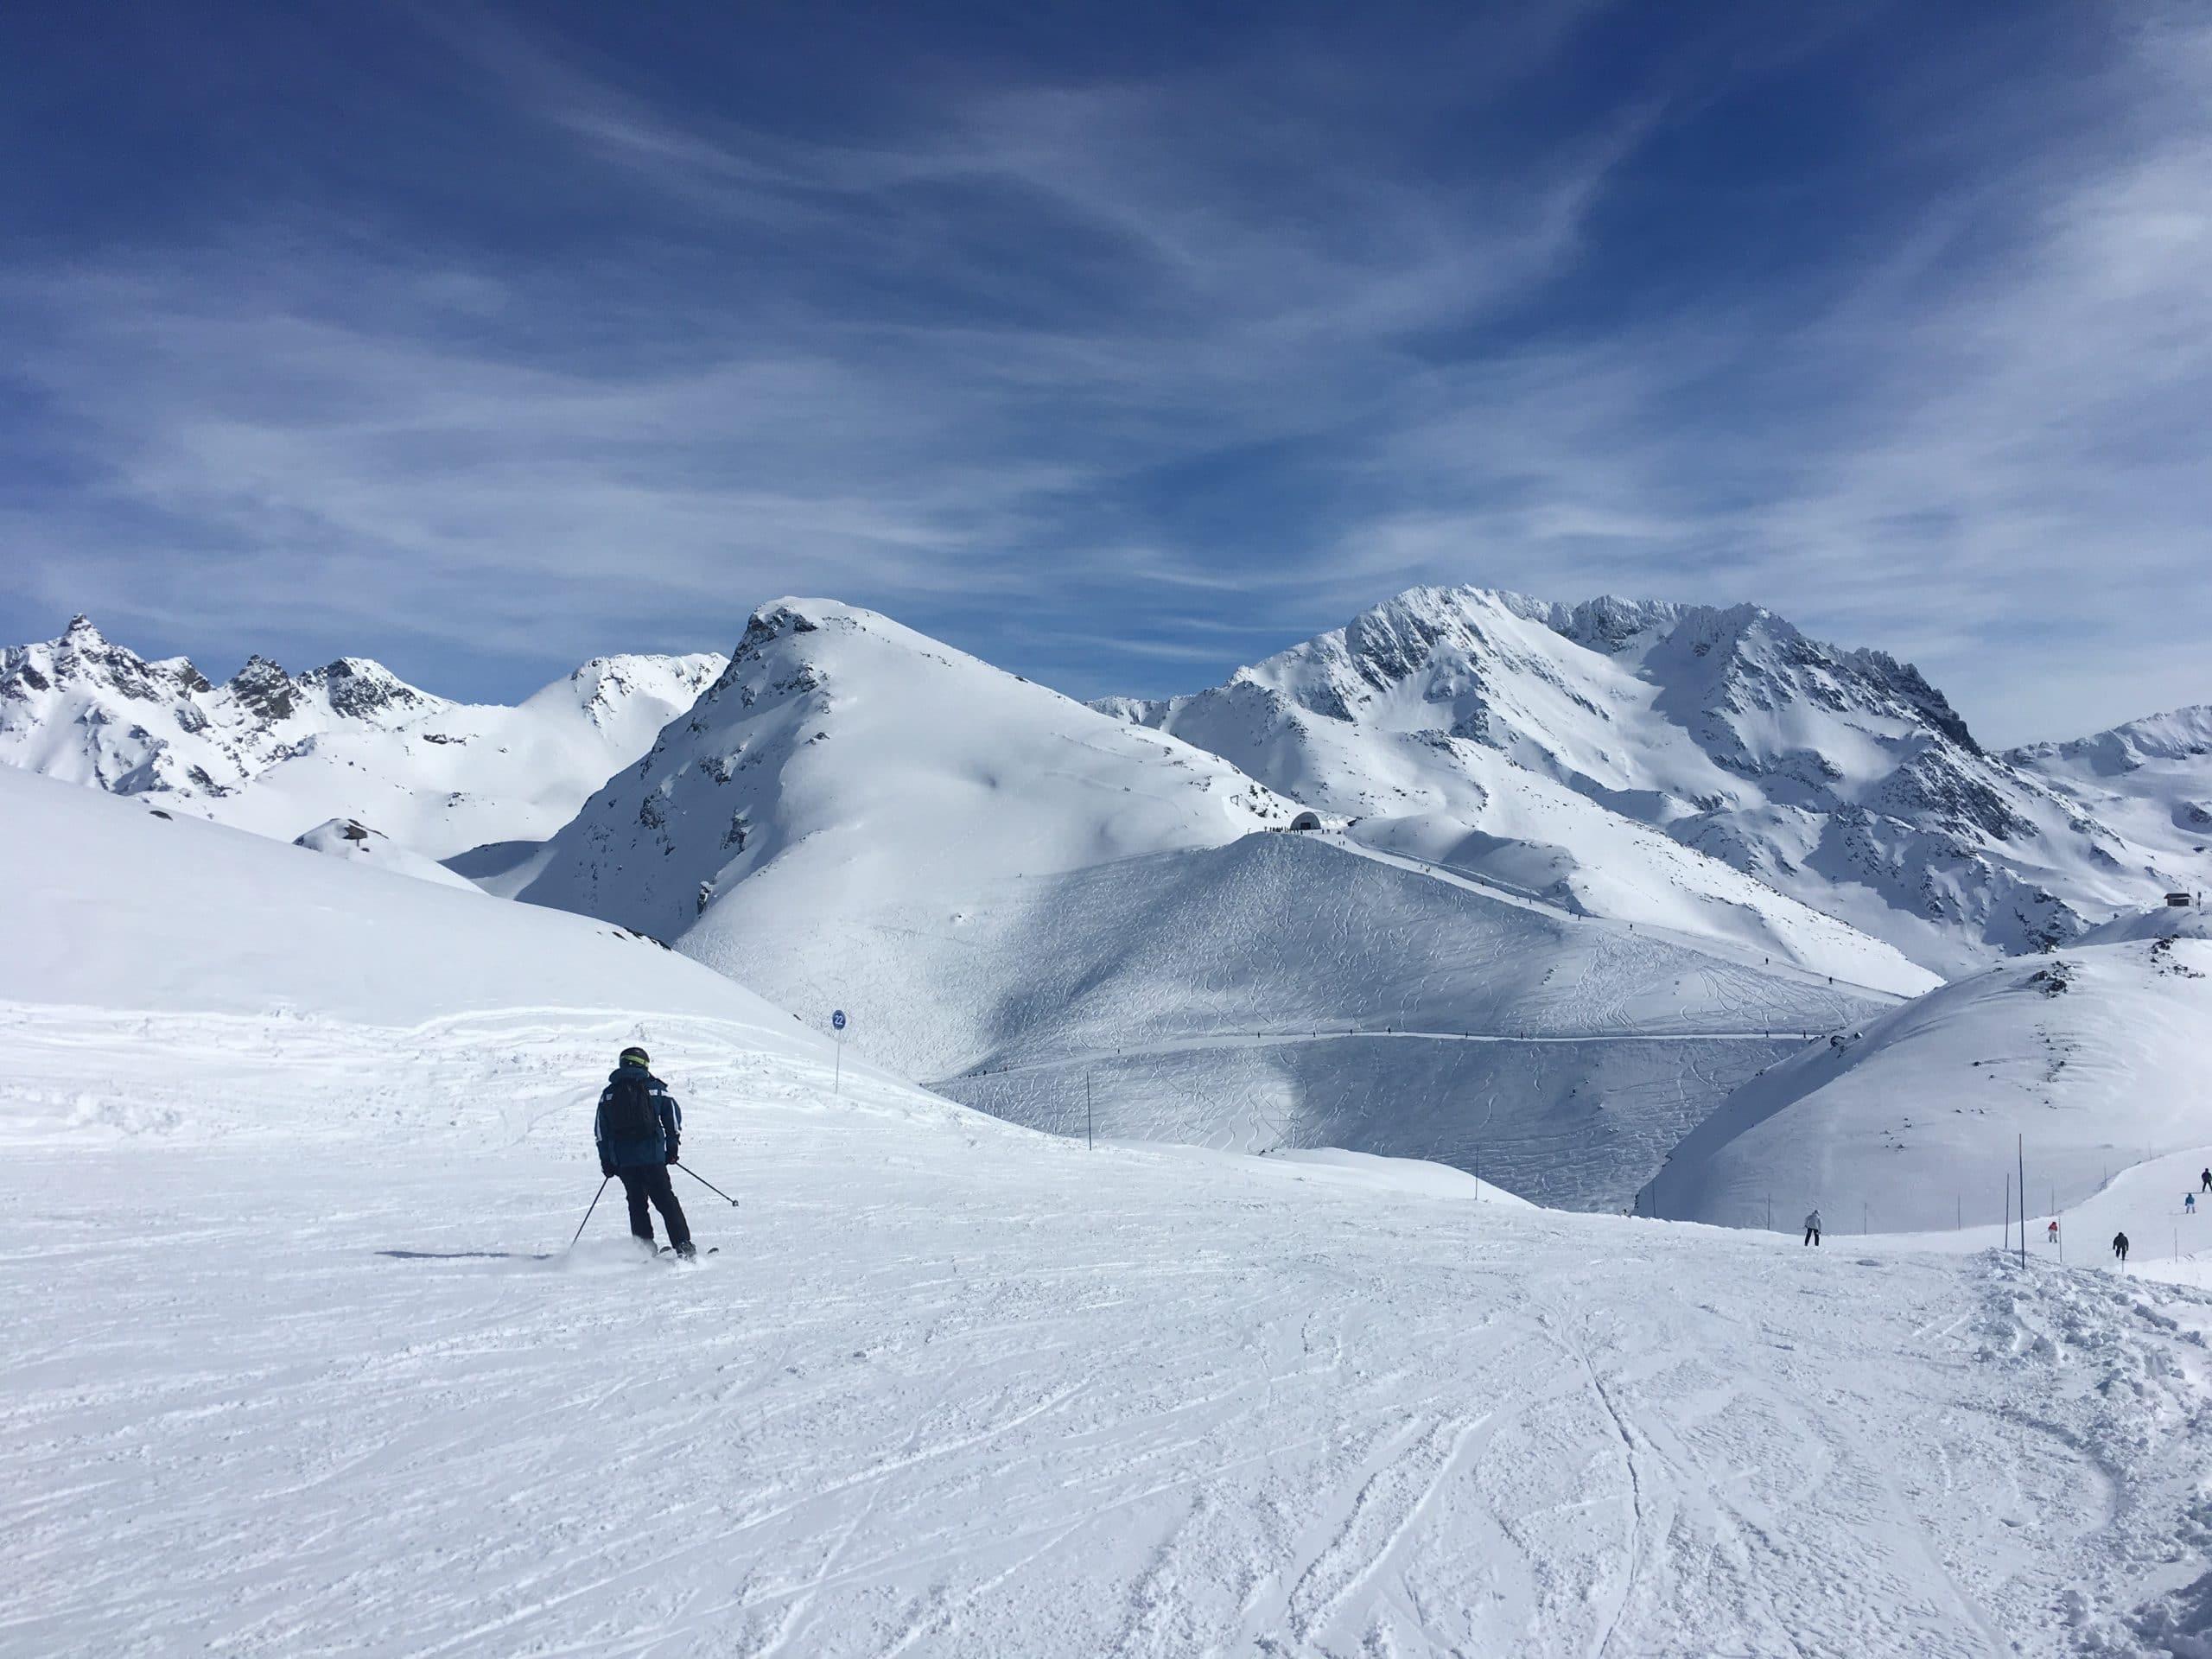 Skieur en haut d'une montagne enneigée